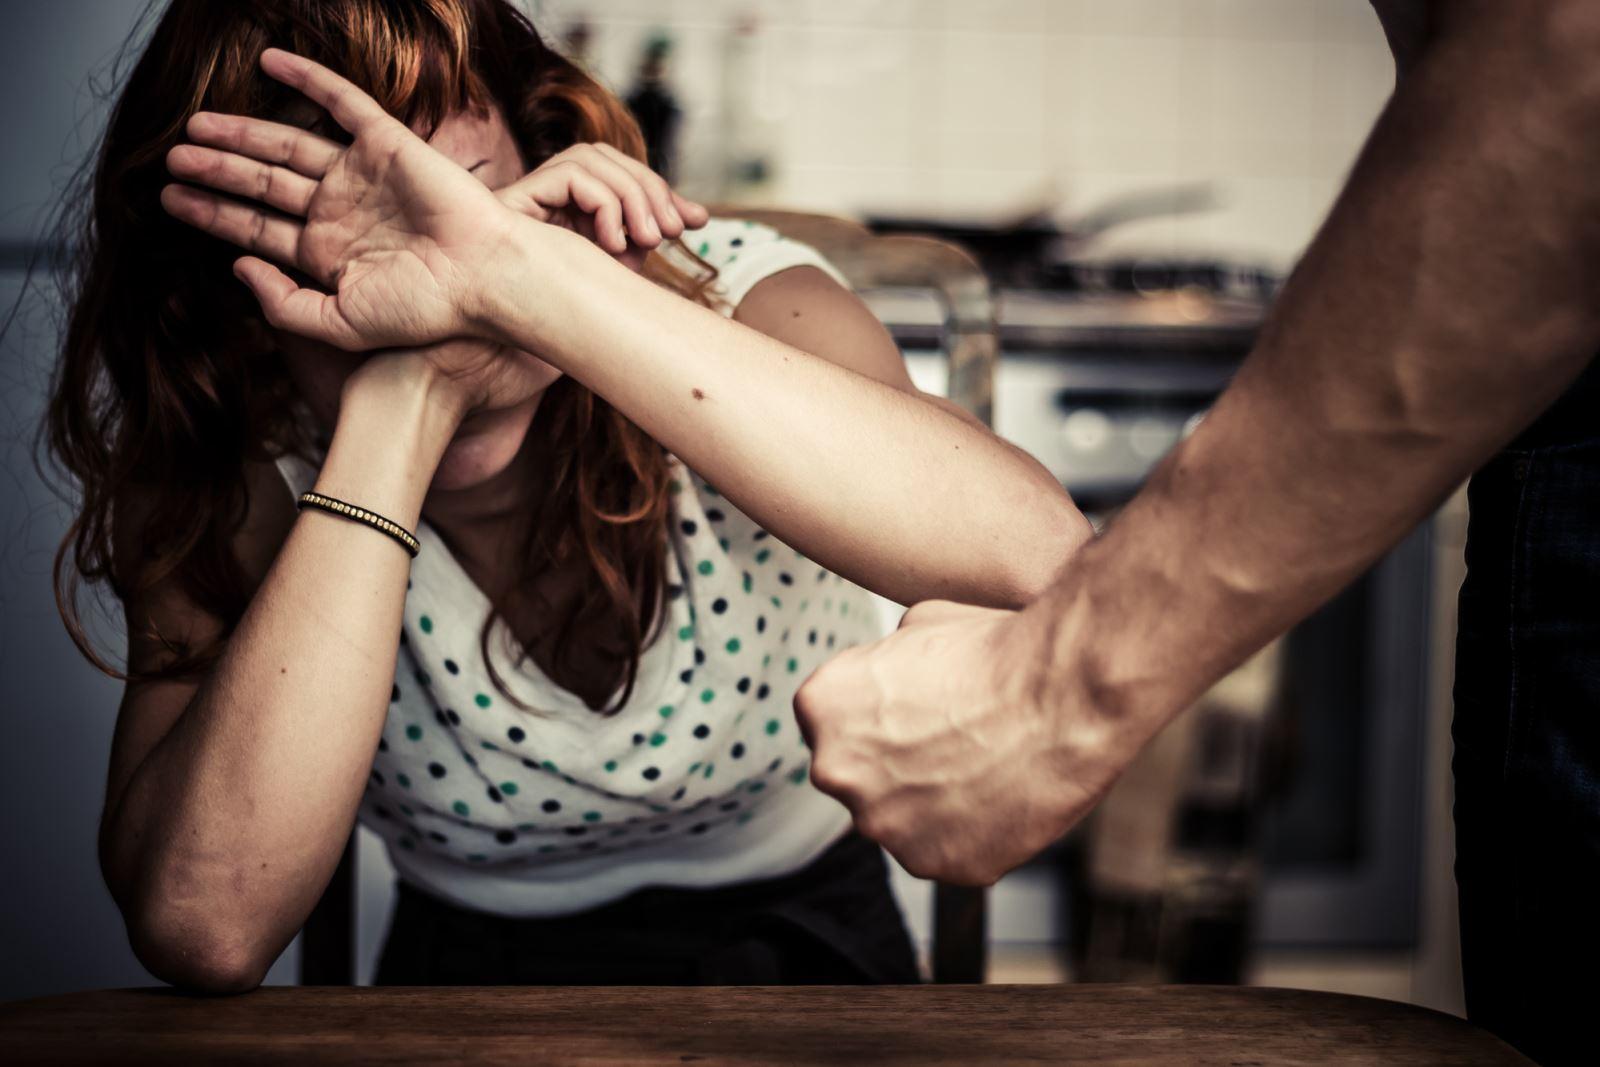 הבעל השתוי תקף את נהג  המונית בה ניסתה אשתו לברוח